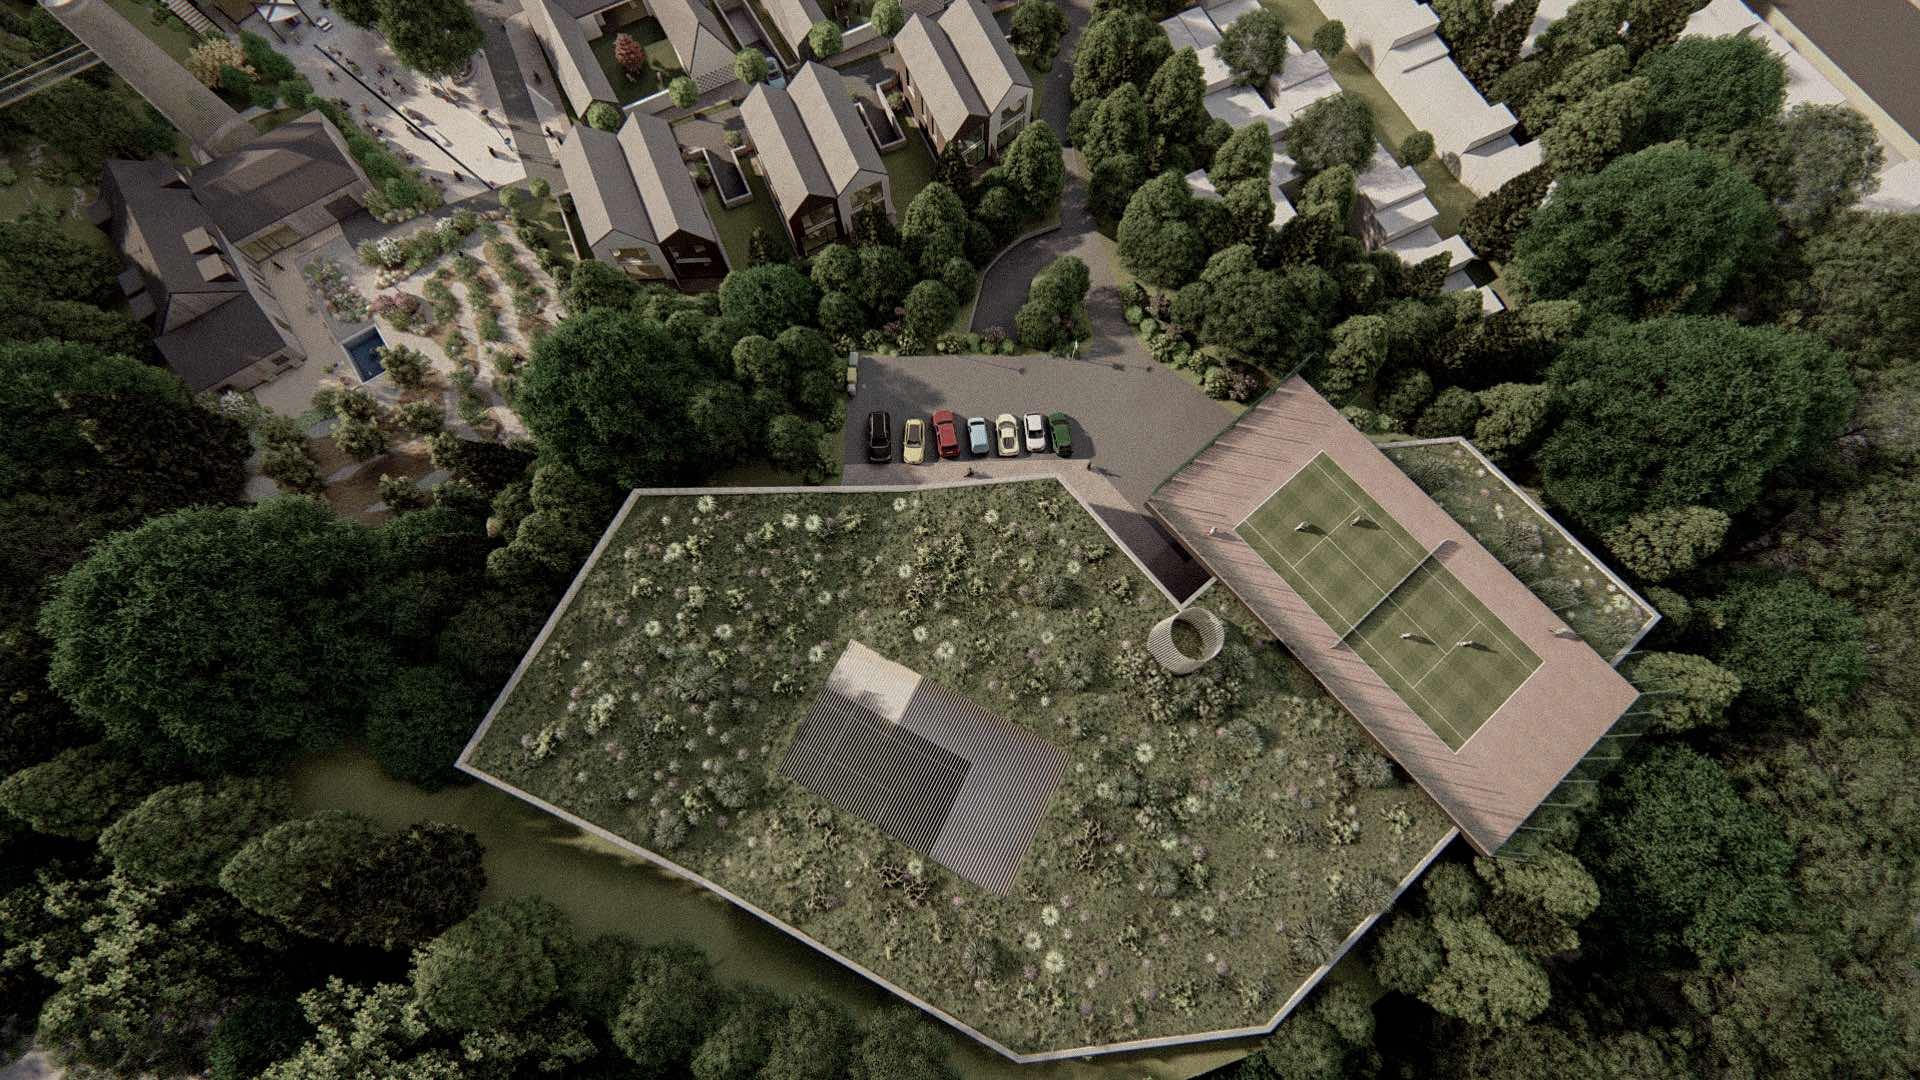 Rezidence Jenerálka KKCG - vizualizace sportovního komplexu - ptačí pohled. Autor: Kurz architekti